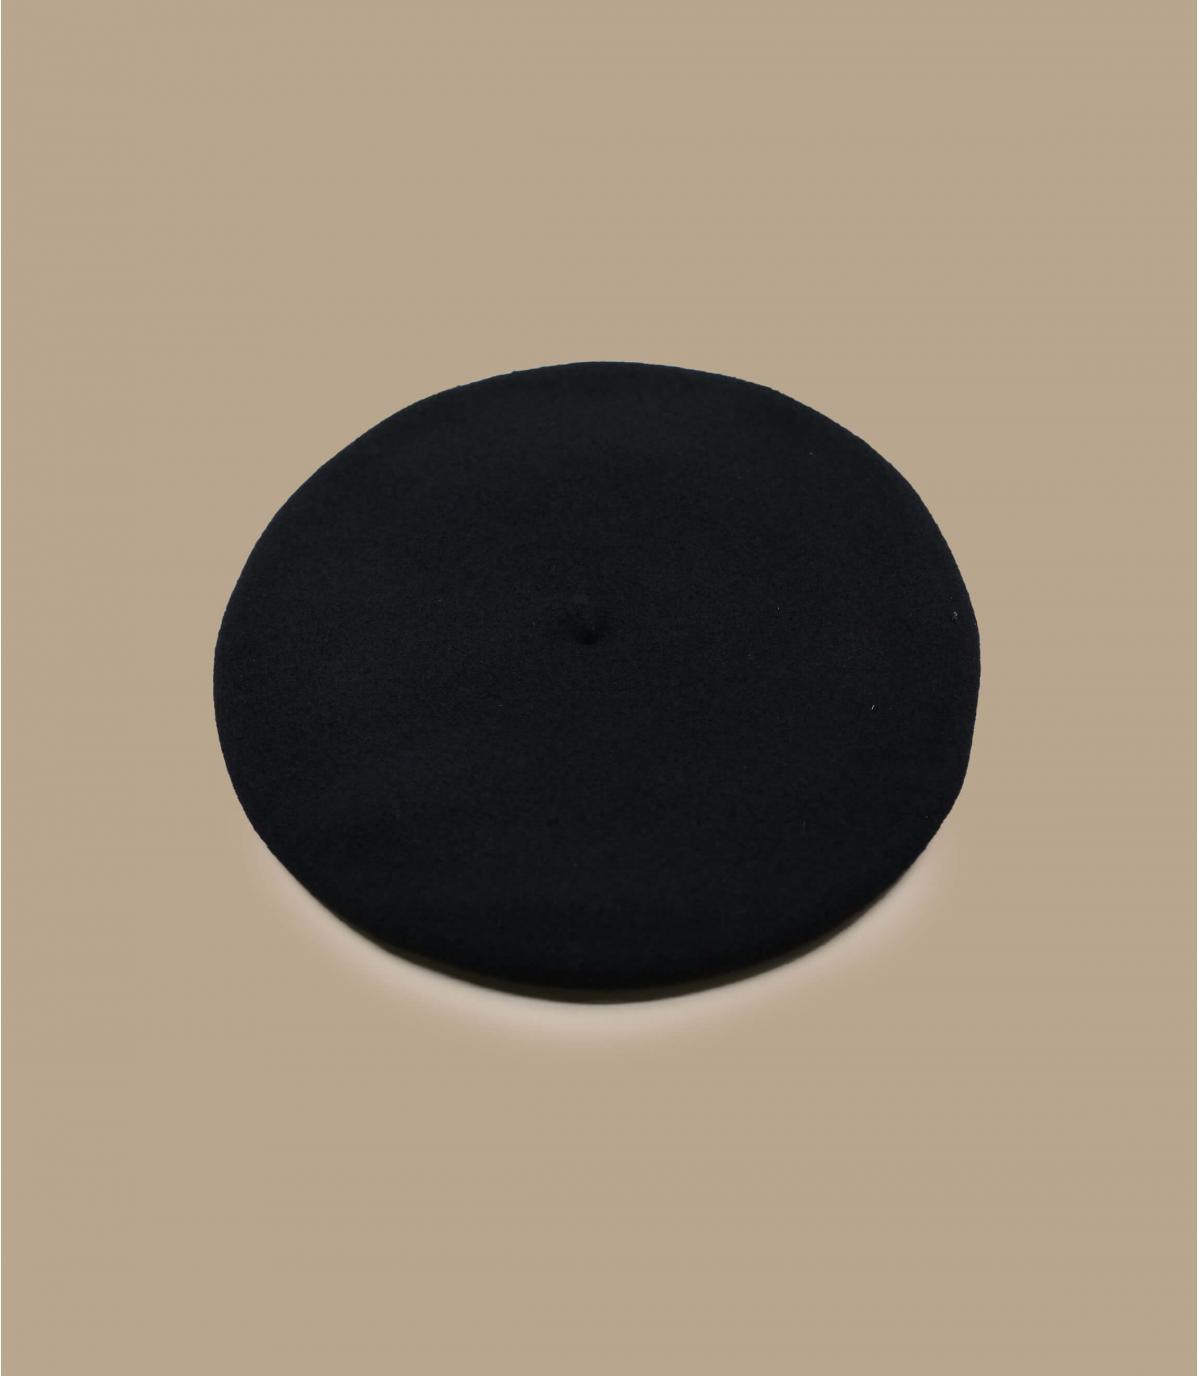 Détails L'authentique beret basque noir - image 2